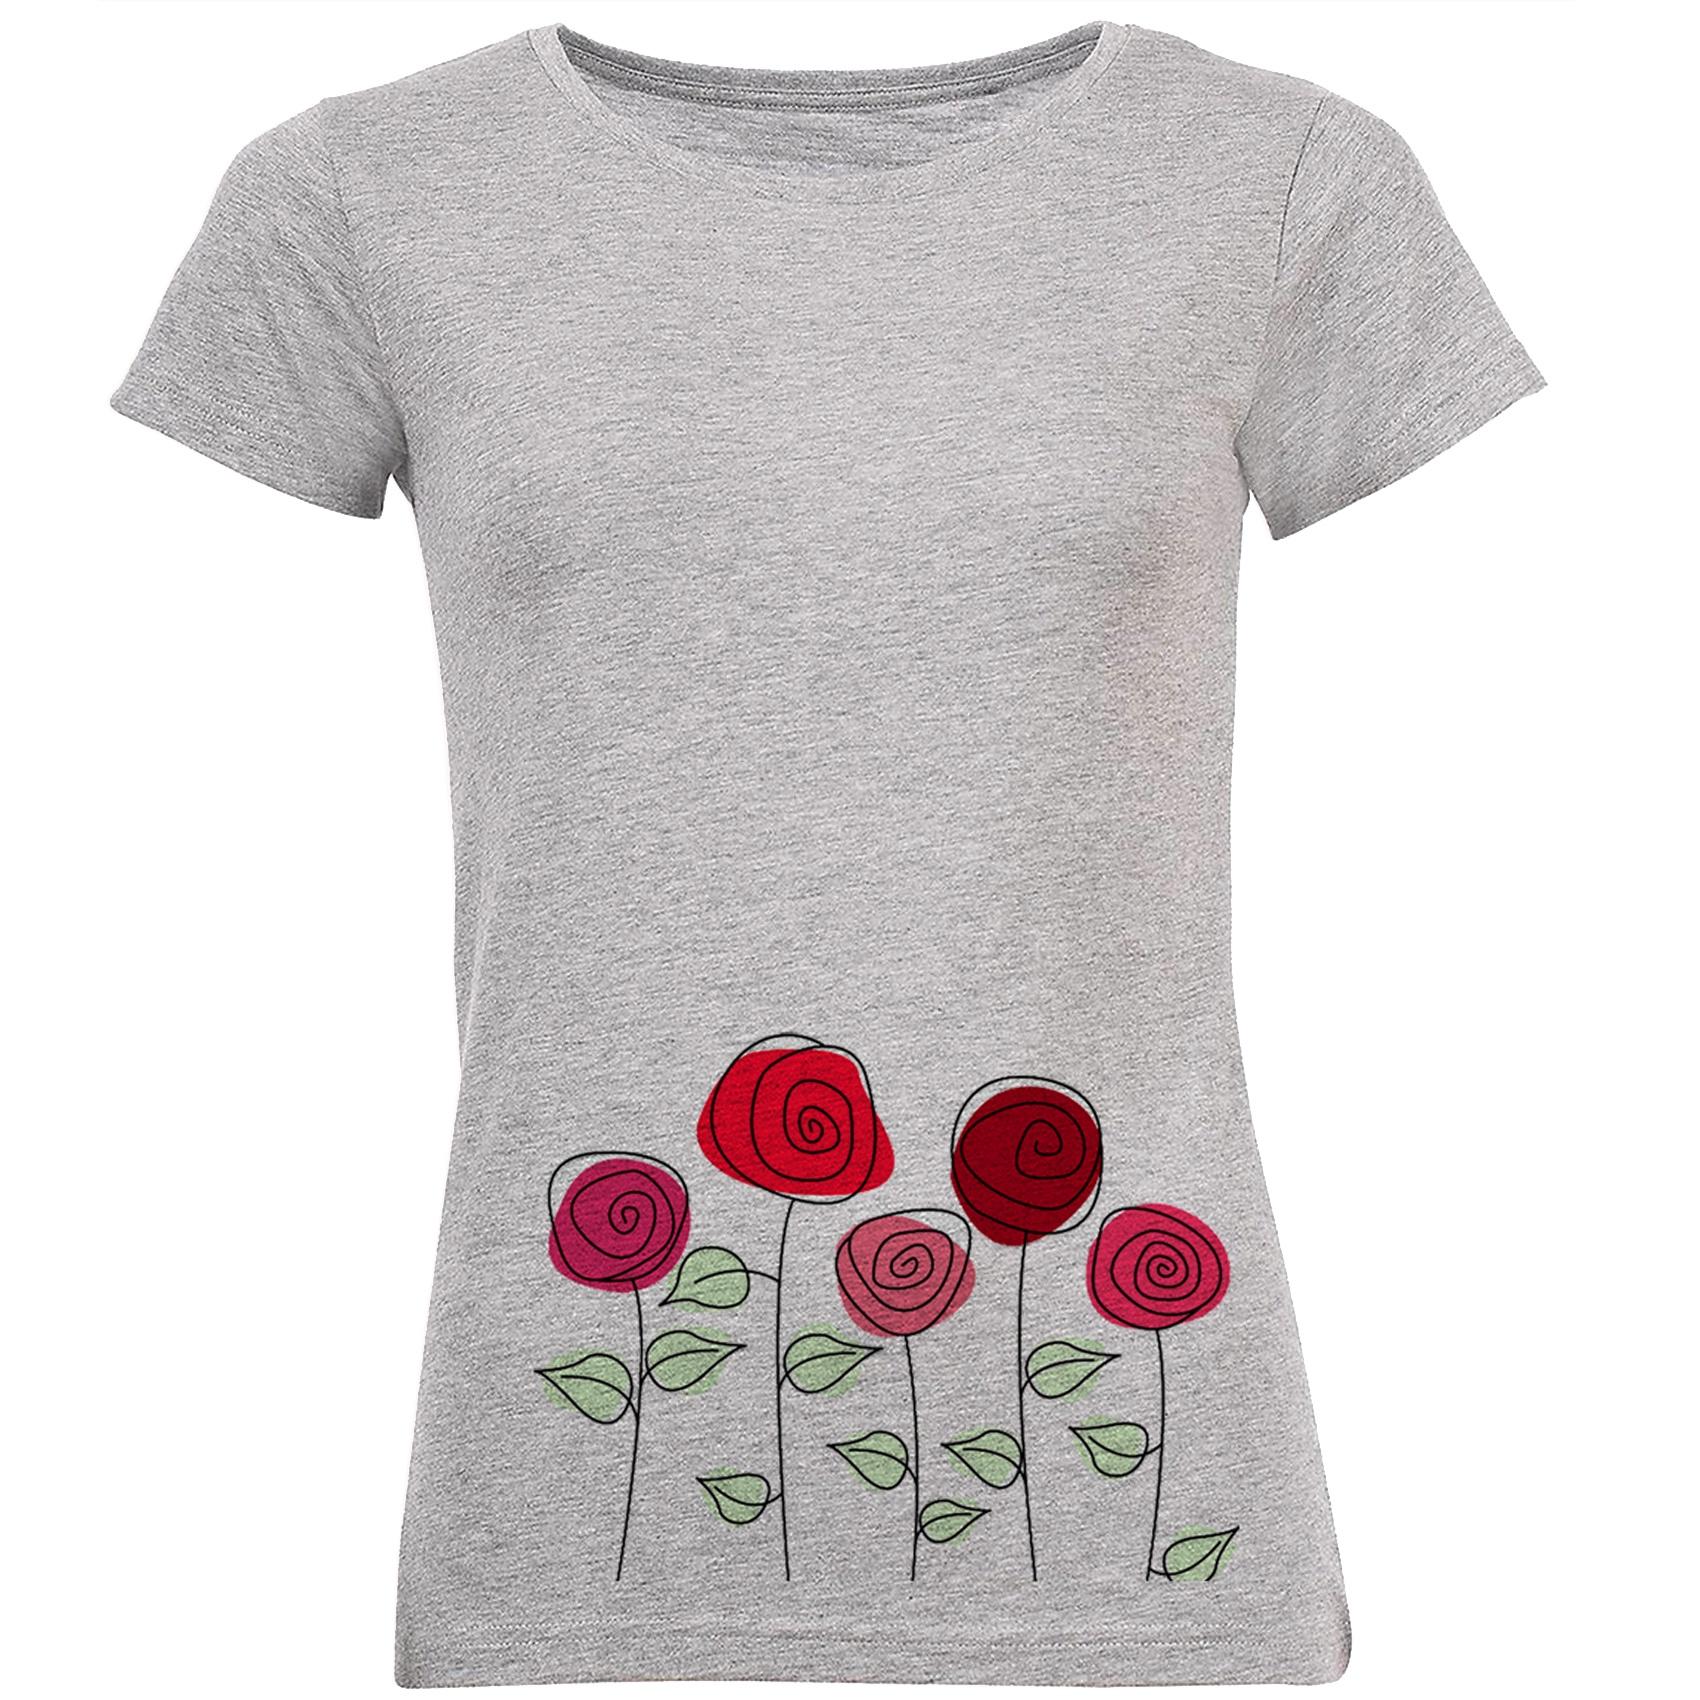 خرید تی شرت زنانه طرح گل